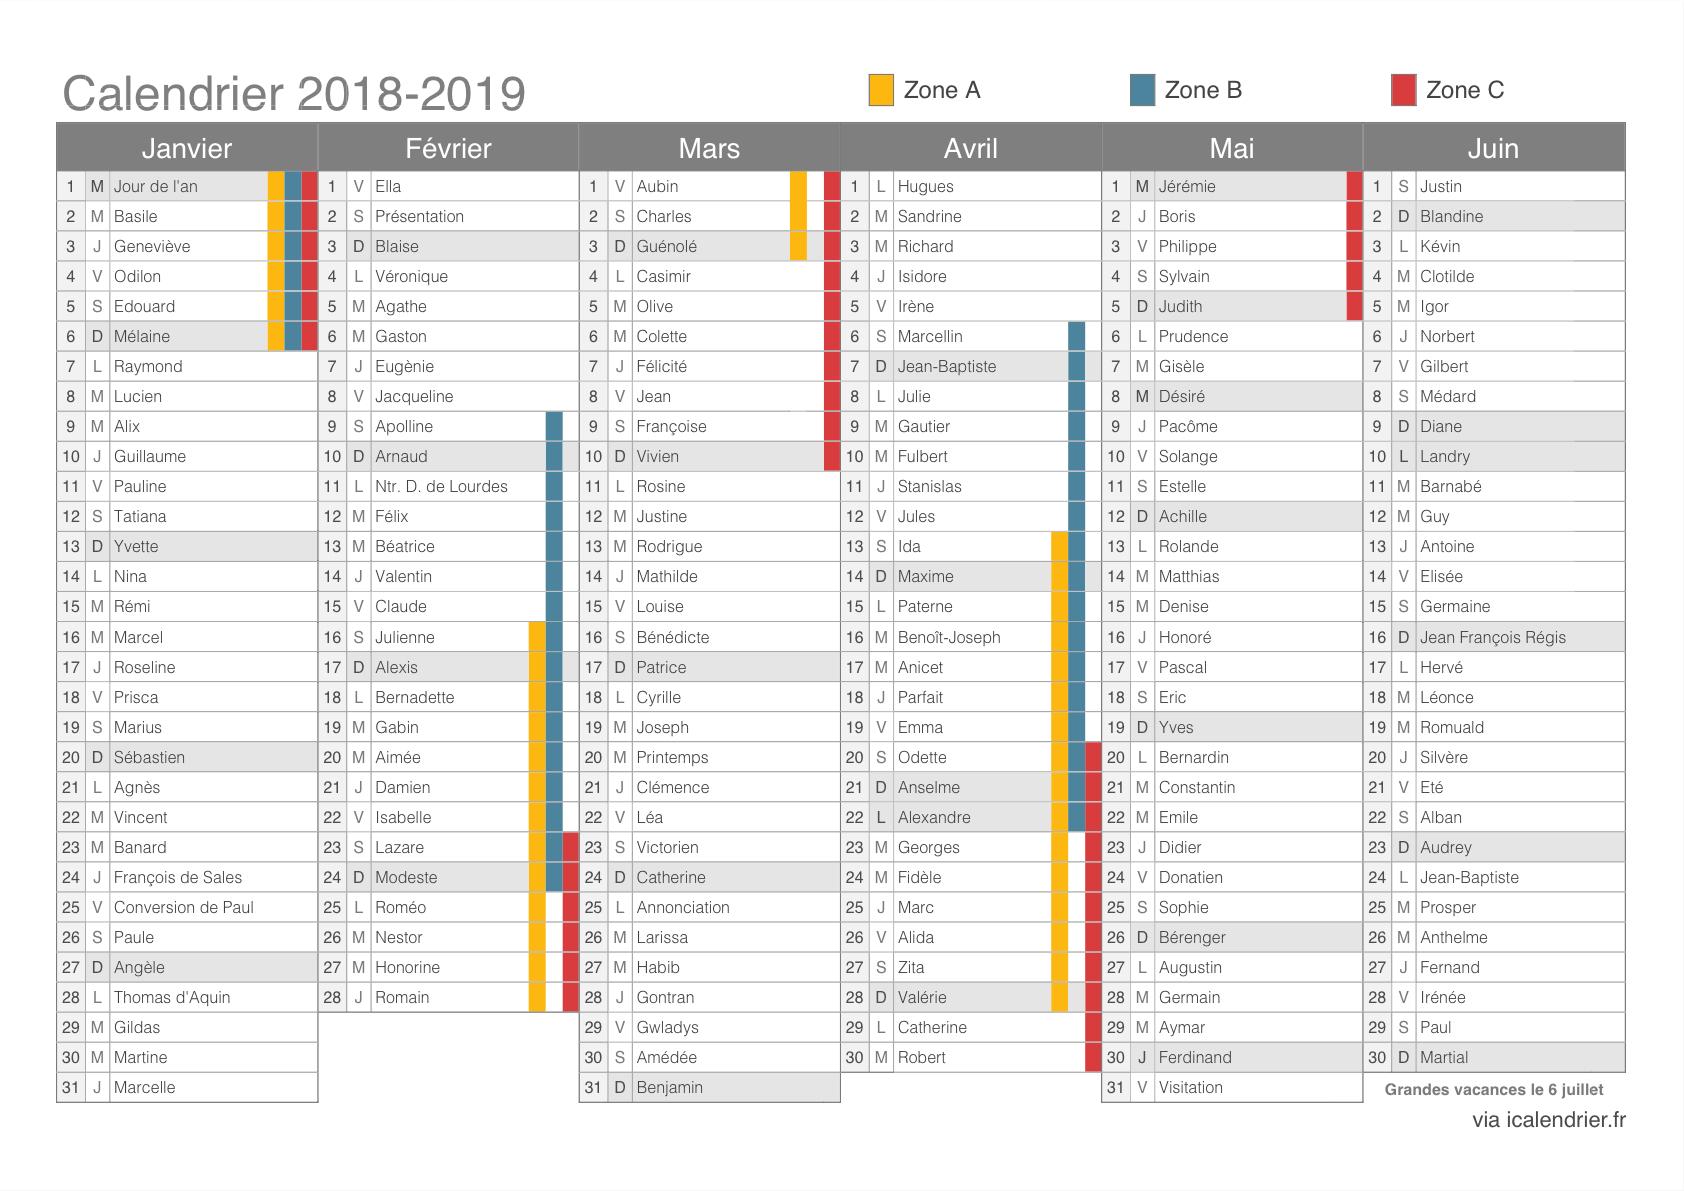 Vacances Scolaires 2018-2019 - Dates - Icalendrier dedans Calendrier 2018 Avec Jours Fériés Vacances Scolaires À Imprimer